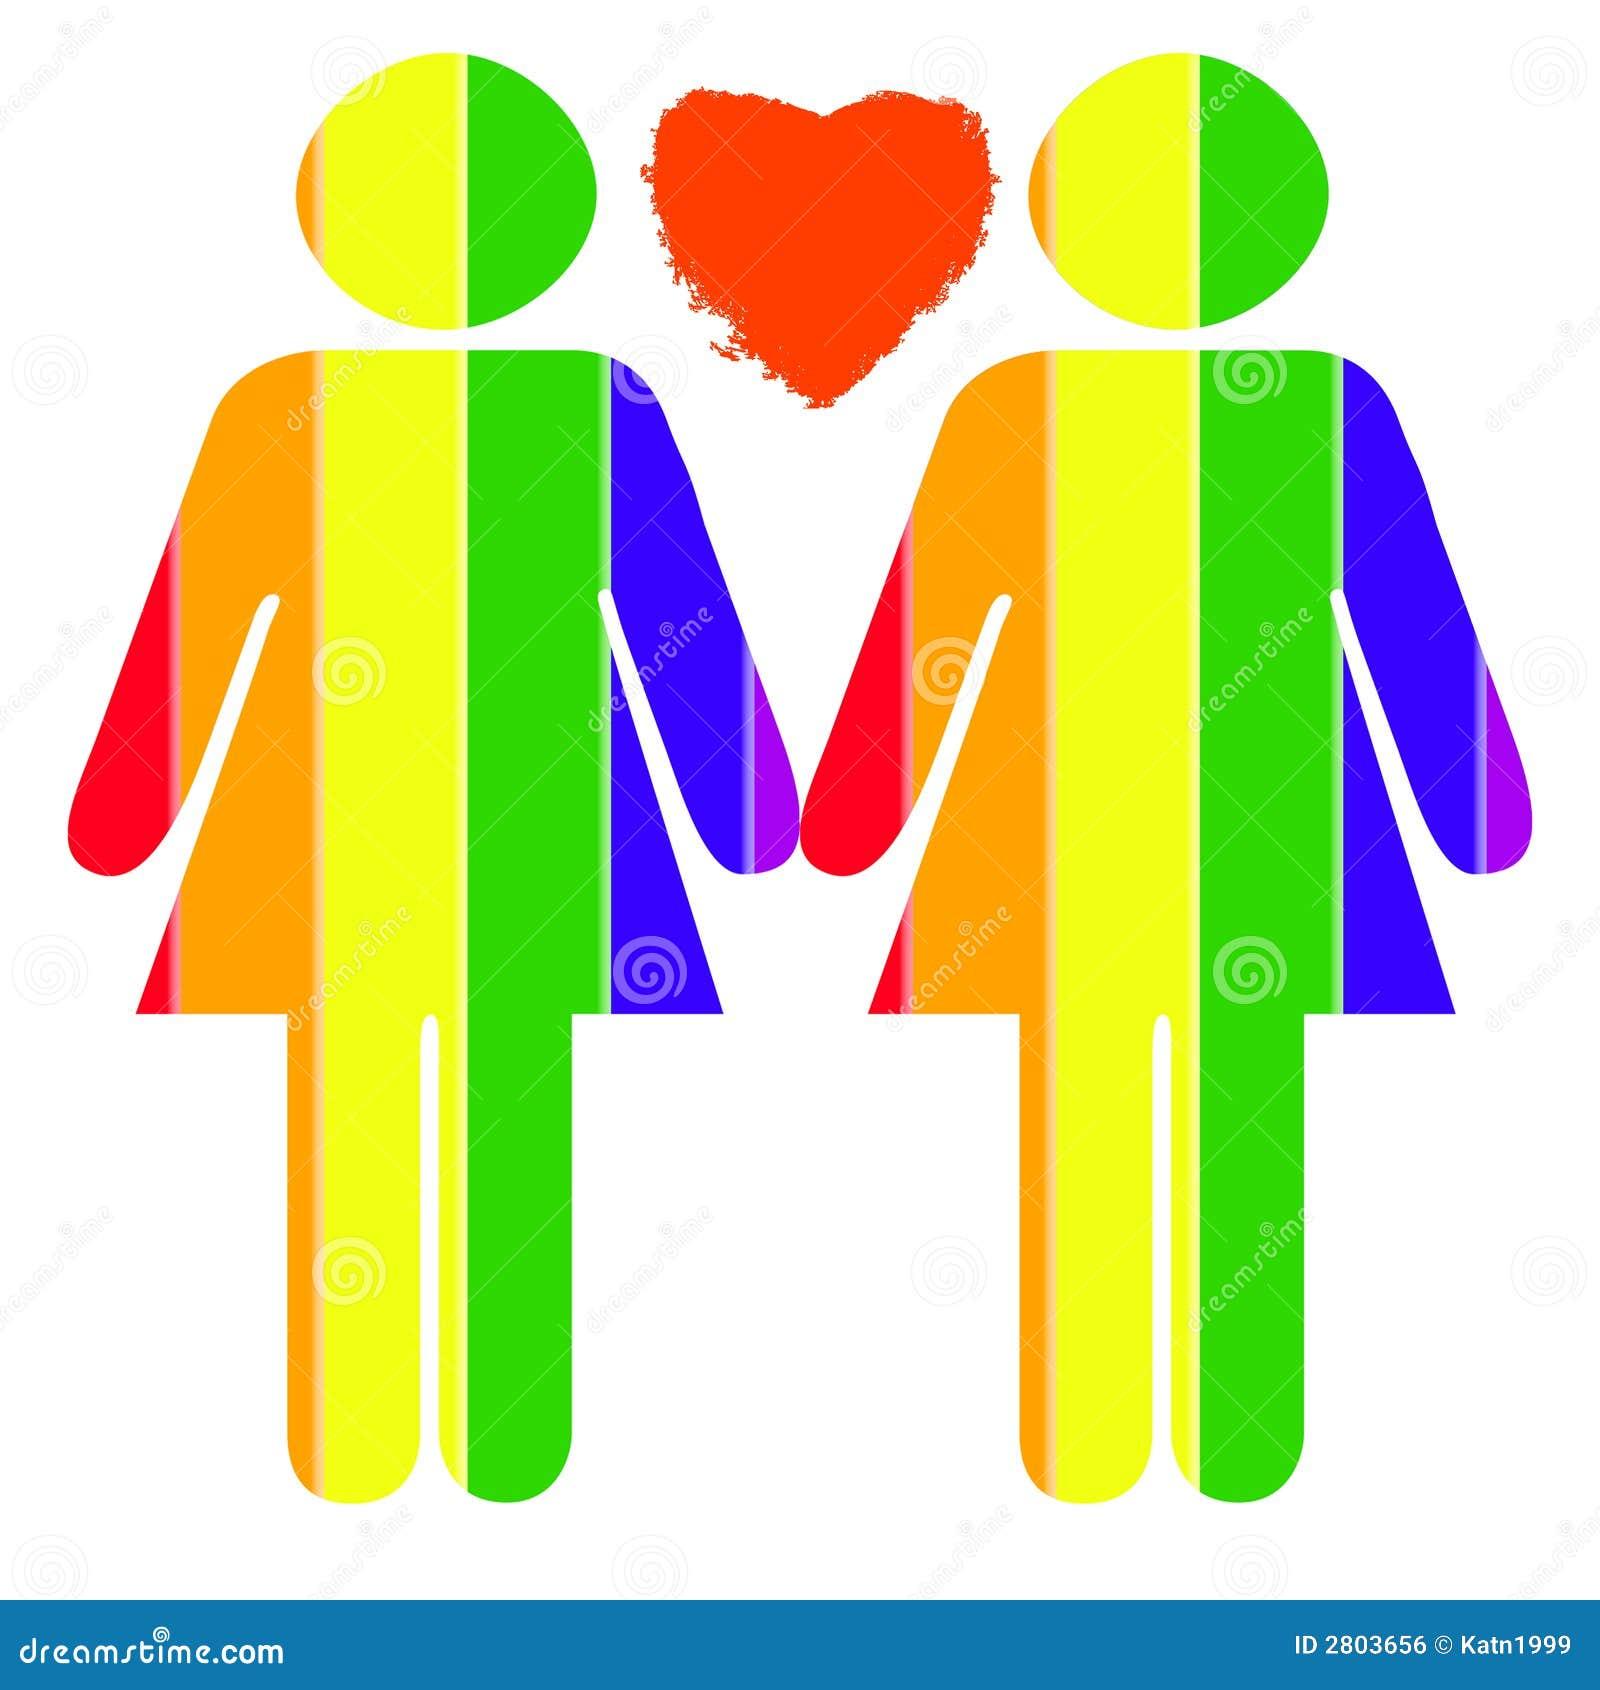 Graphic lesbian pride